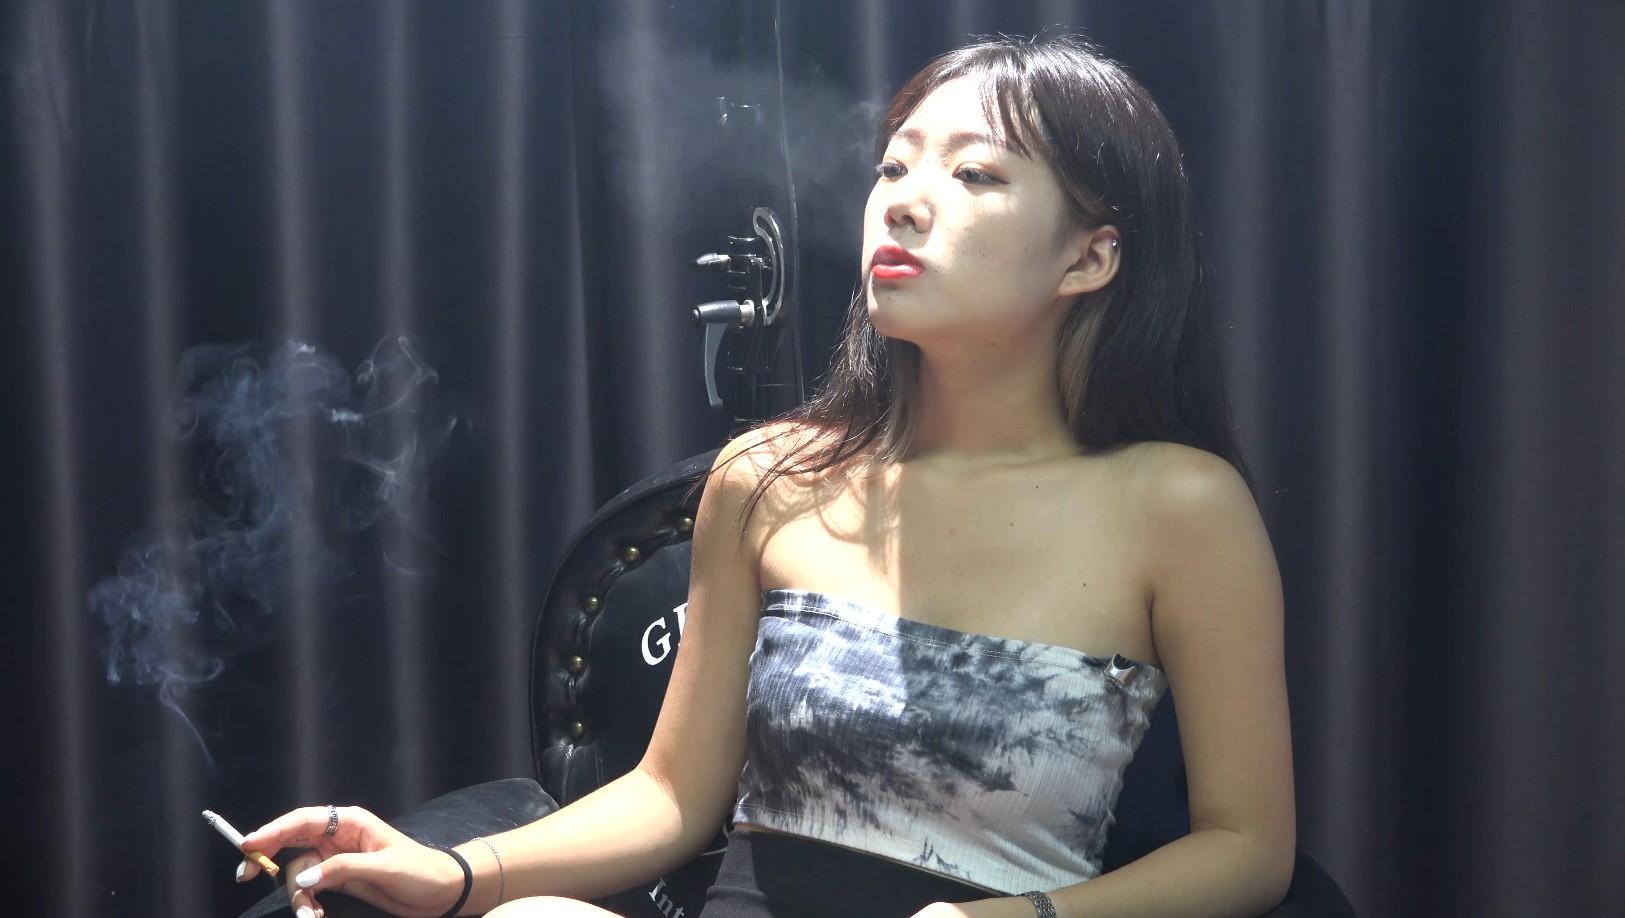 超极品美女大学生超近景抽烟实拍仿佛让你身临其境